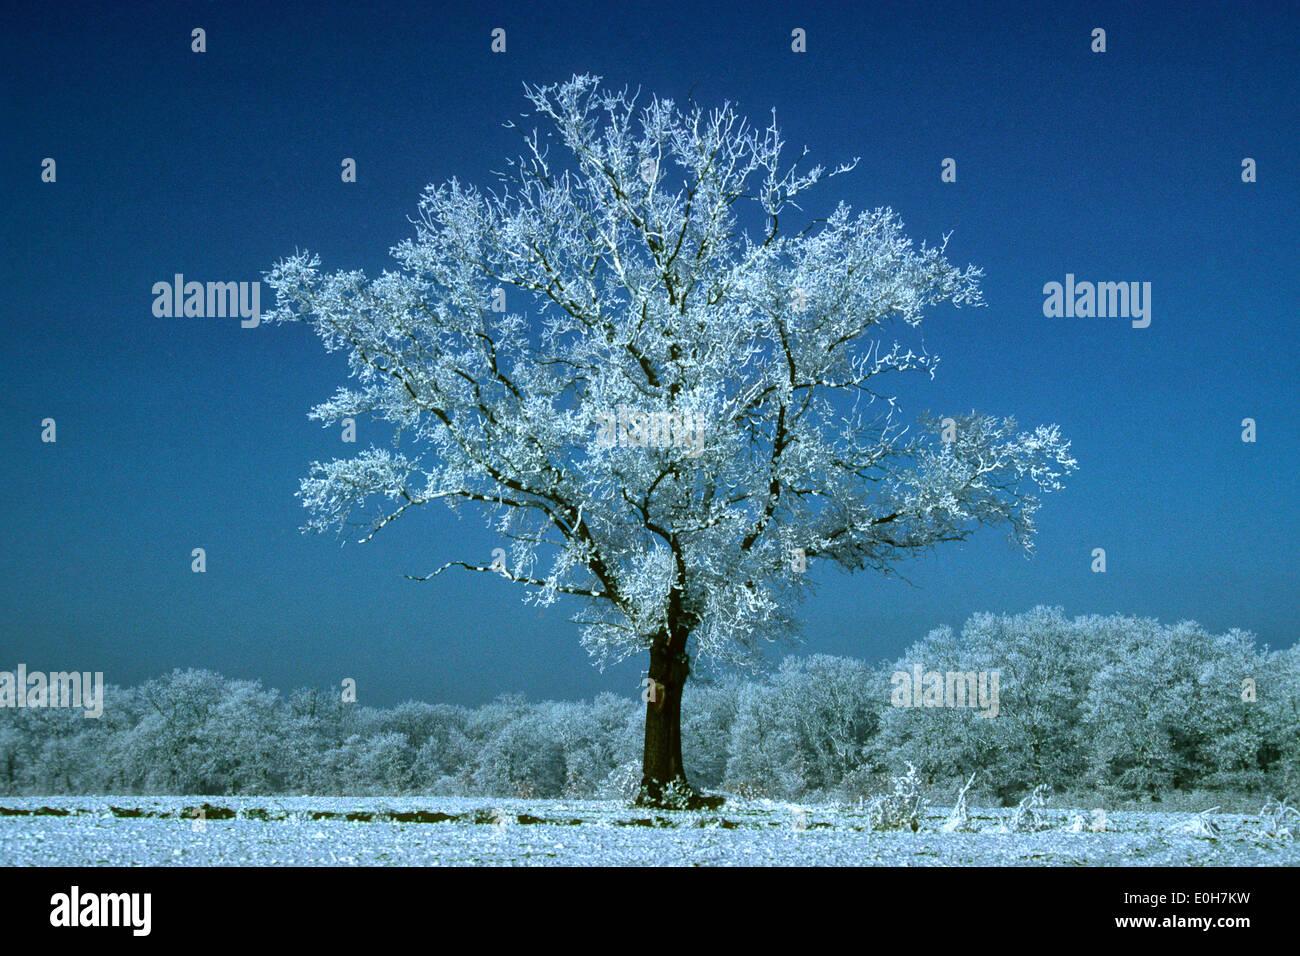 Oak tree in winter scene at dawn - Stock Image